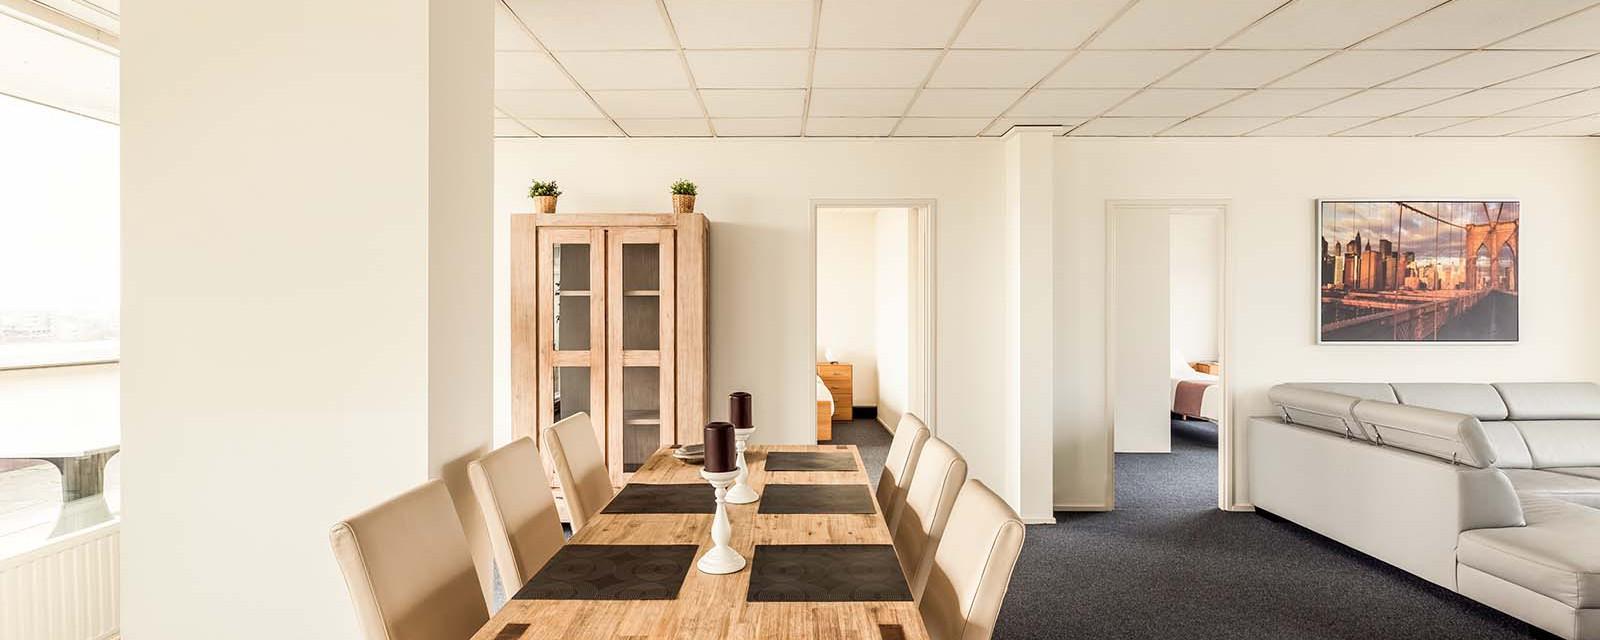 https://www.ibis-hotel-den-haag-scheveningen.nl/wp-content/uploads/2016/03/ibis-hotel-den-haag-scheveningen-apartment-4_1600x750-1600x640.jpg